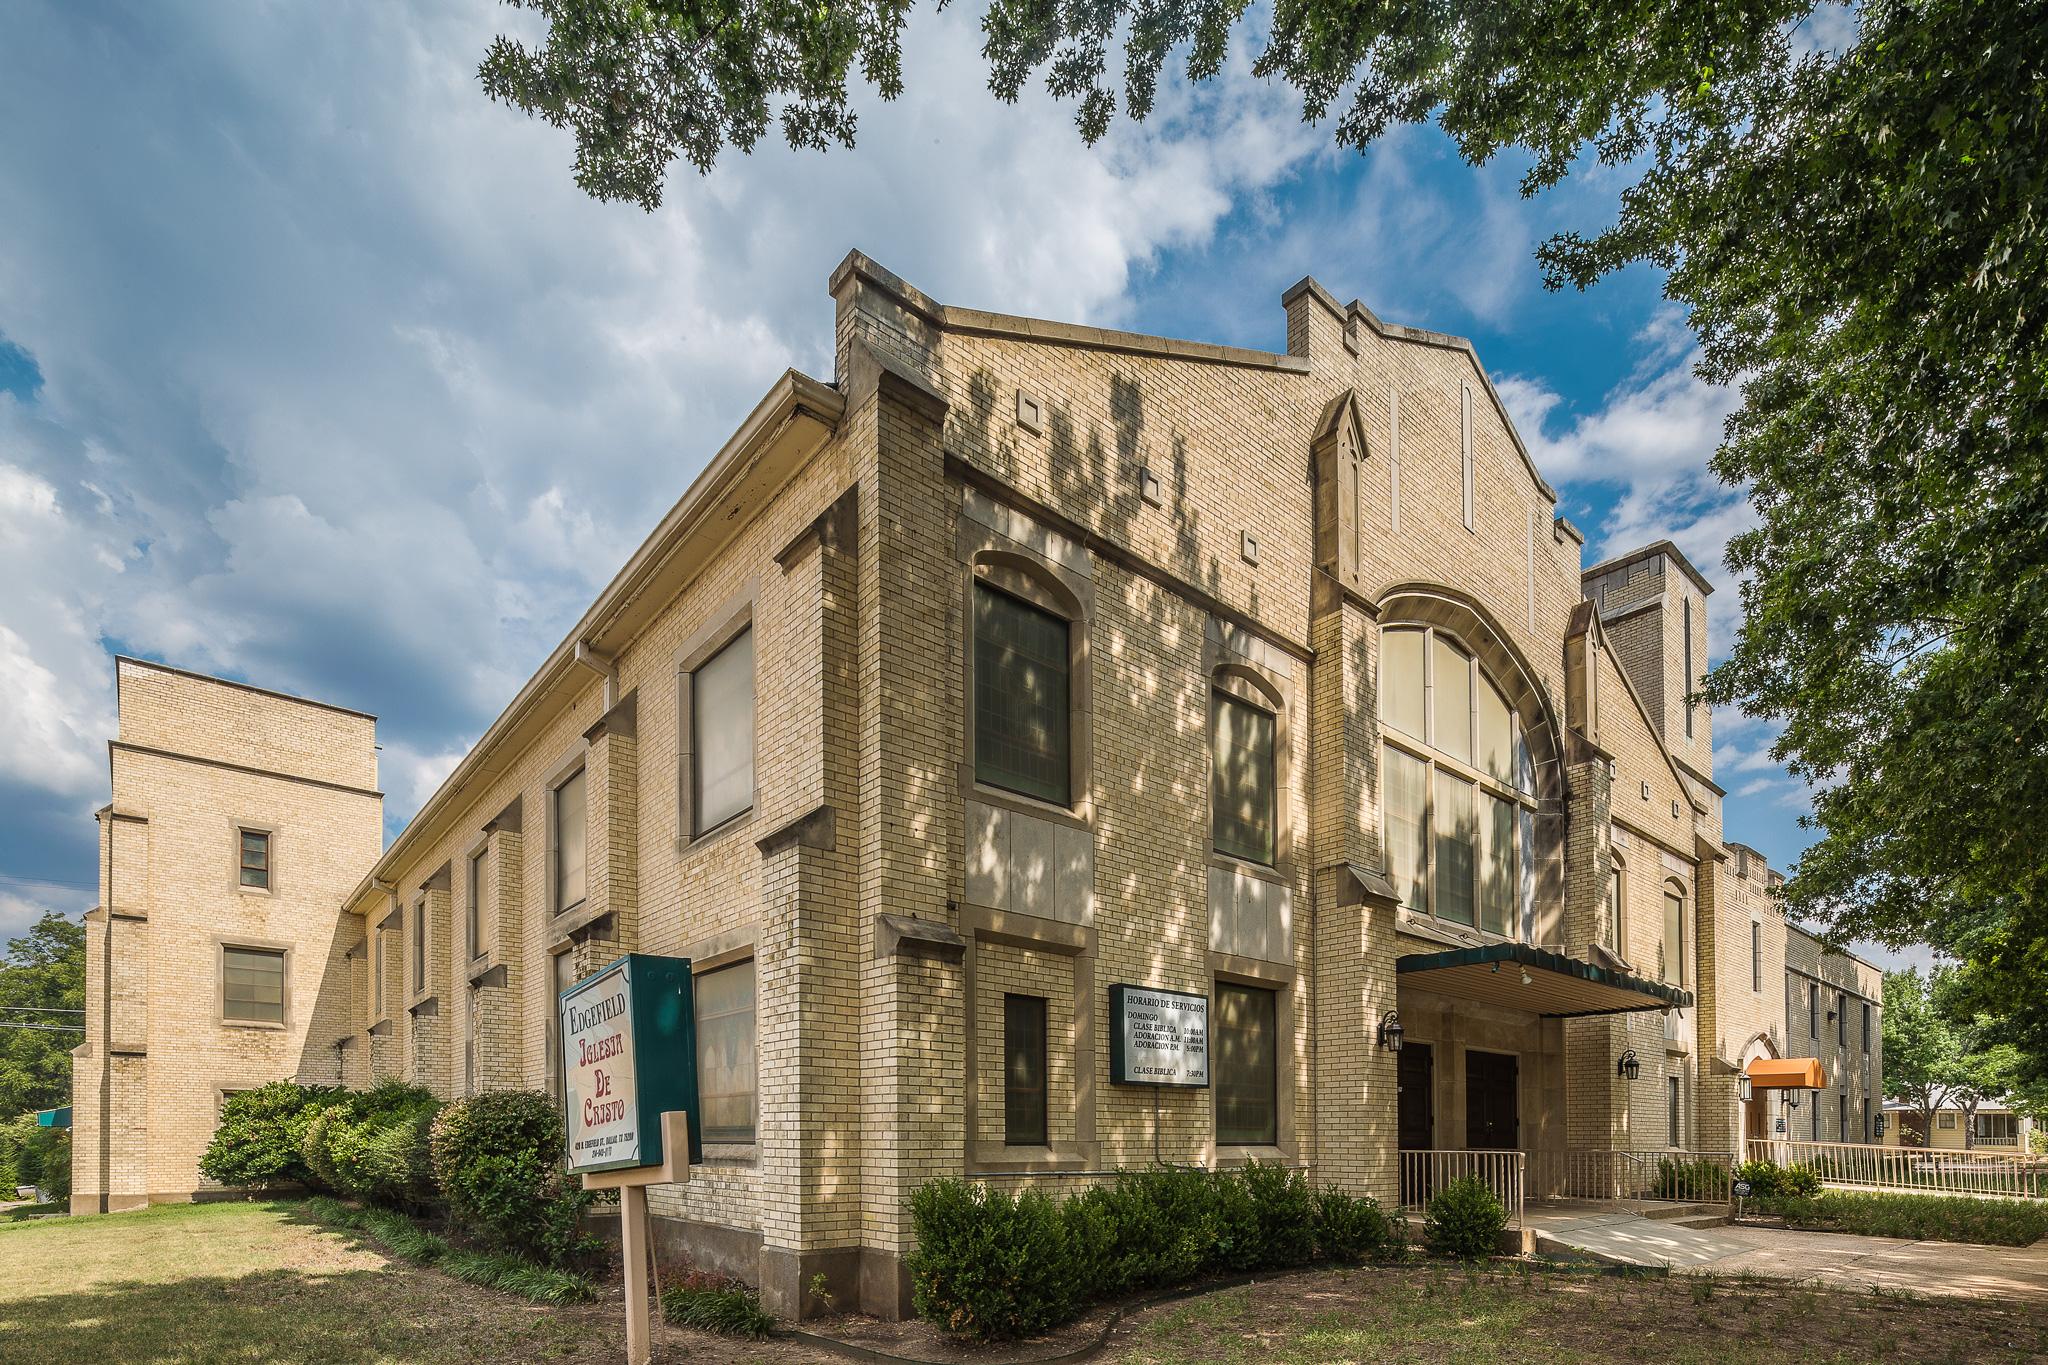 Edgefield Iglesia de Cristo